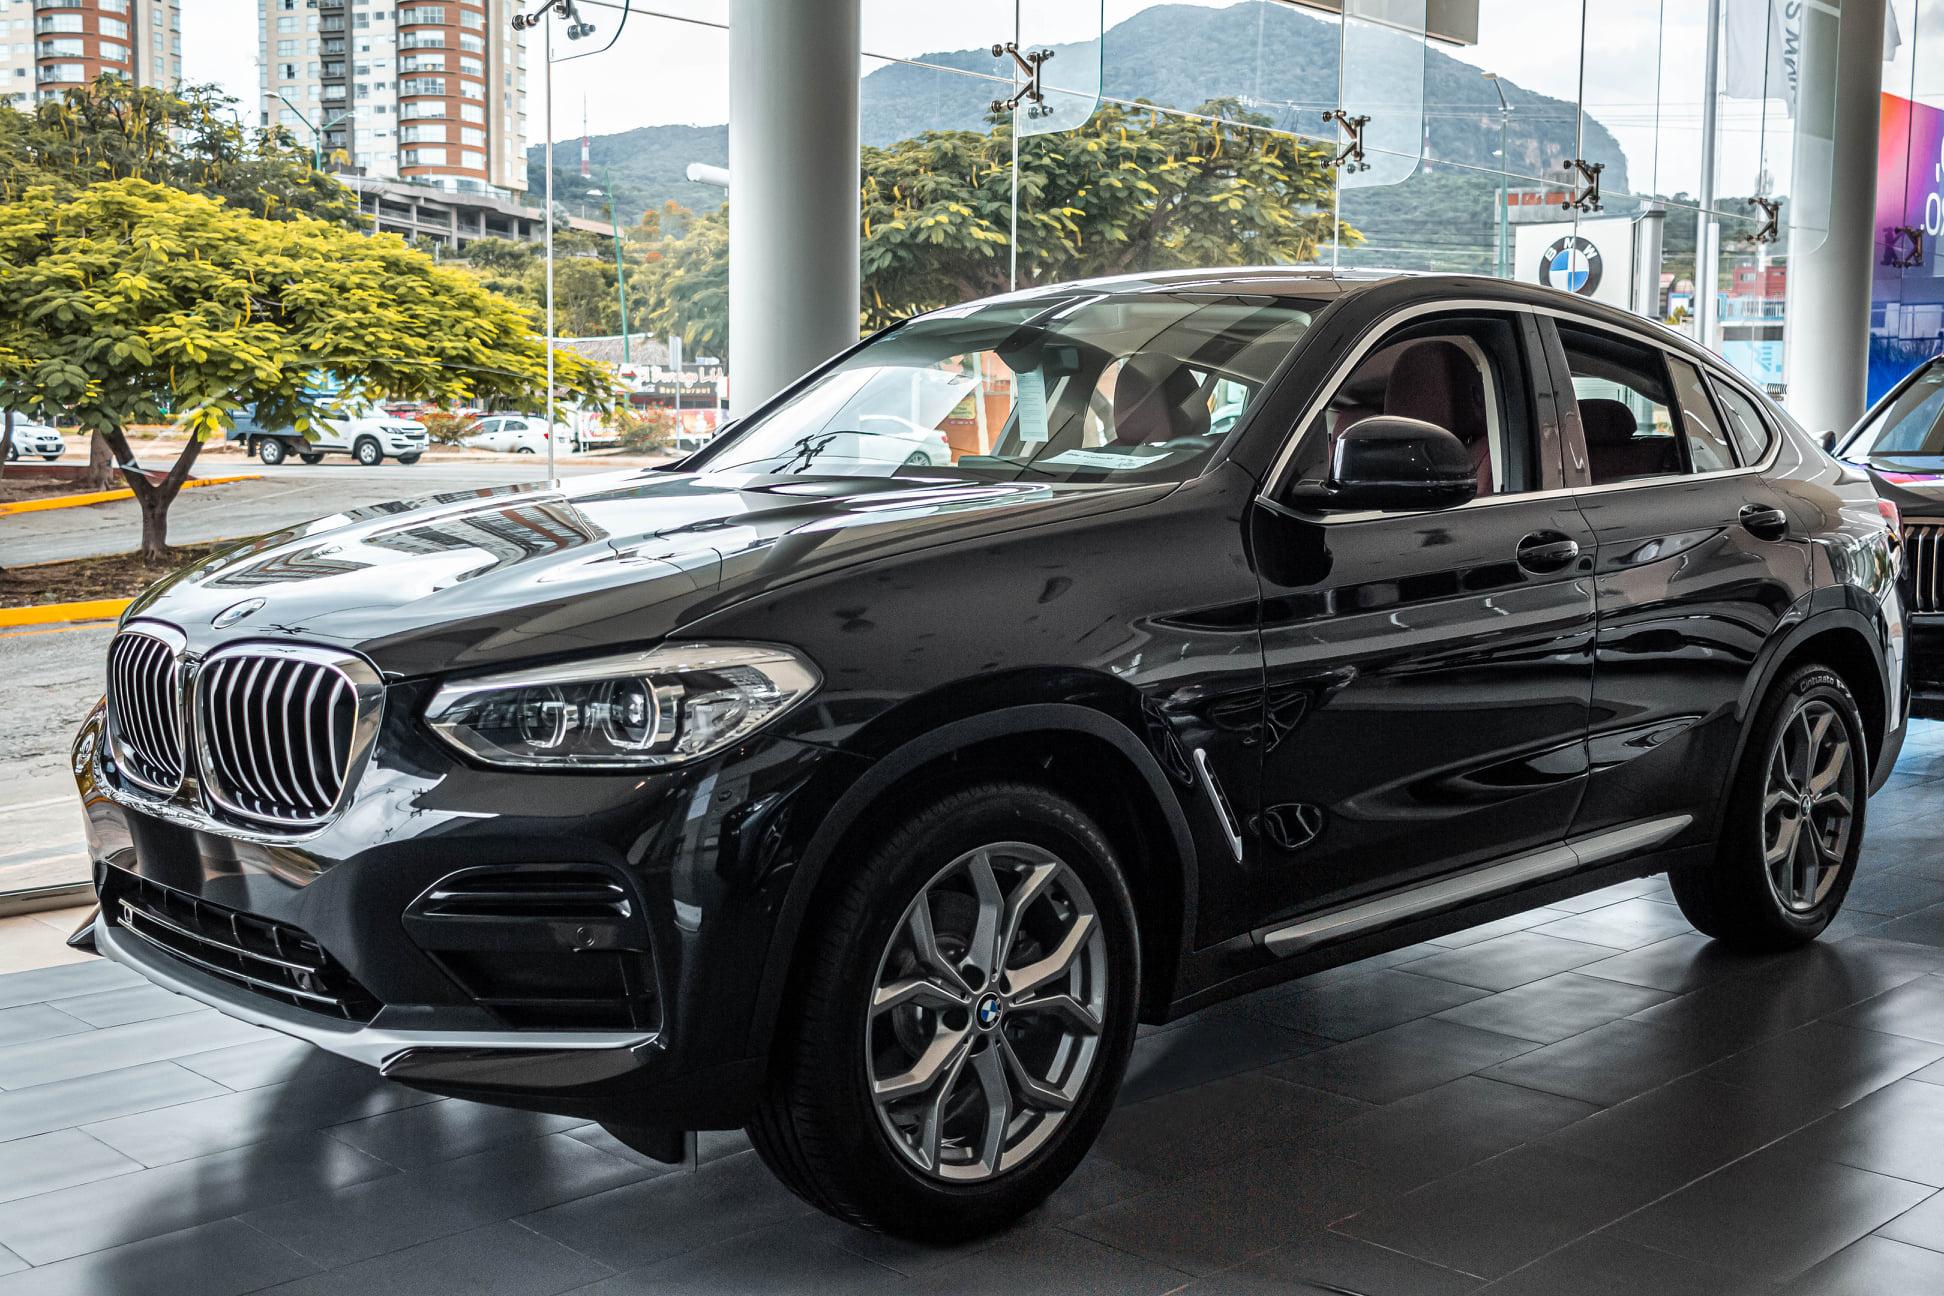 Giá xe ô tô giảm sâu tới gần 500 triệu đồng trong mùa mua sắm cuối năm - Ảnh 1.